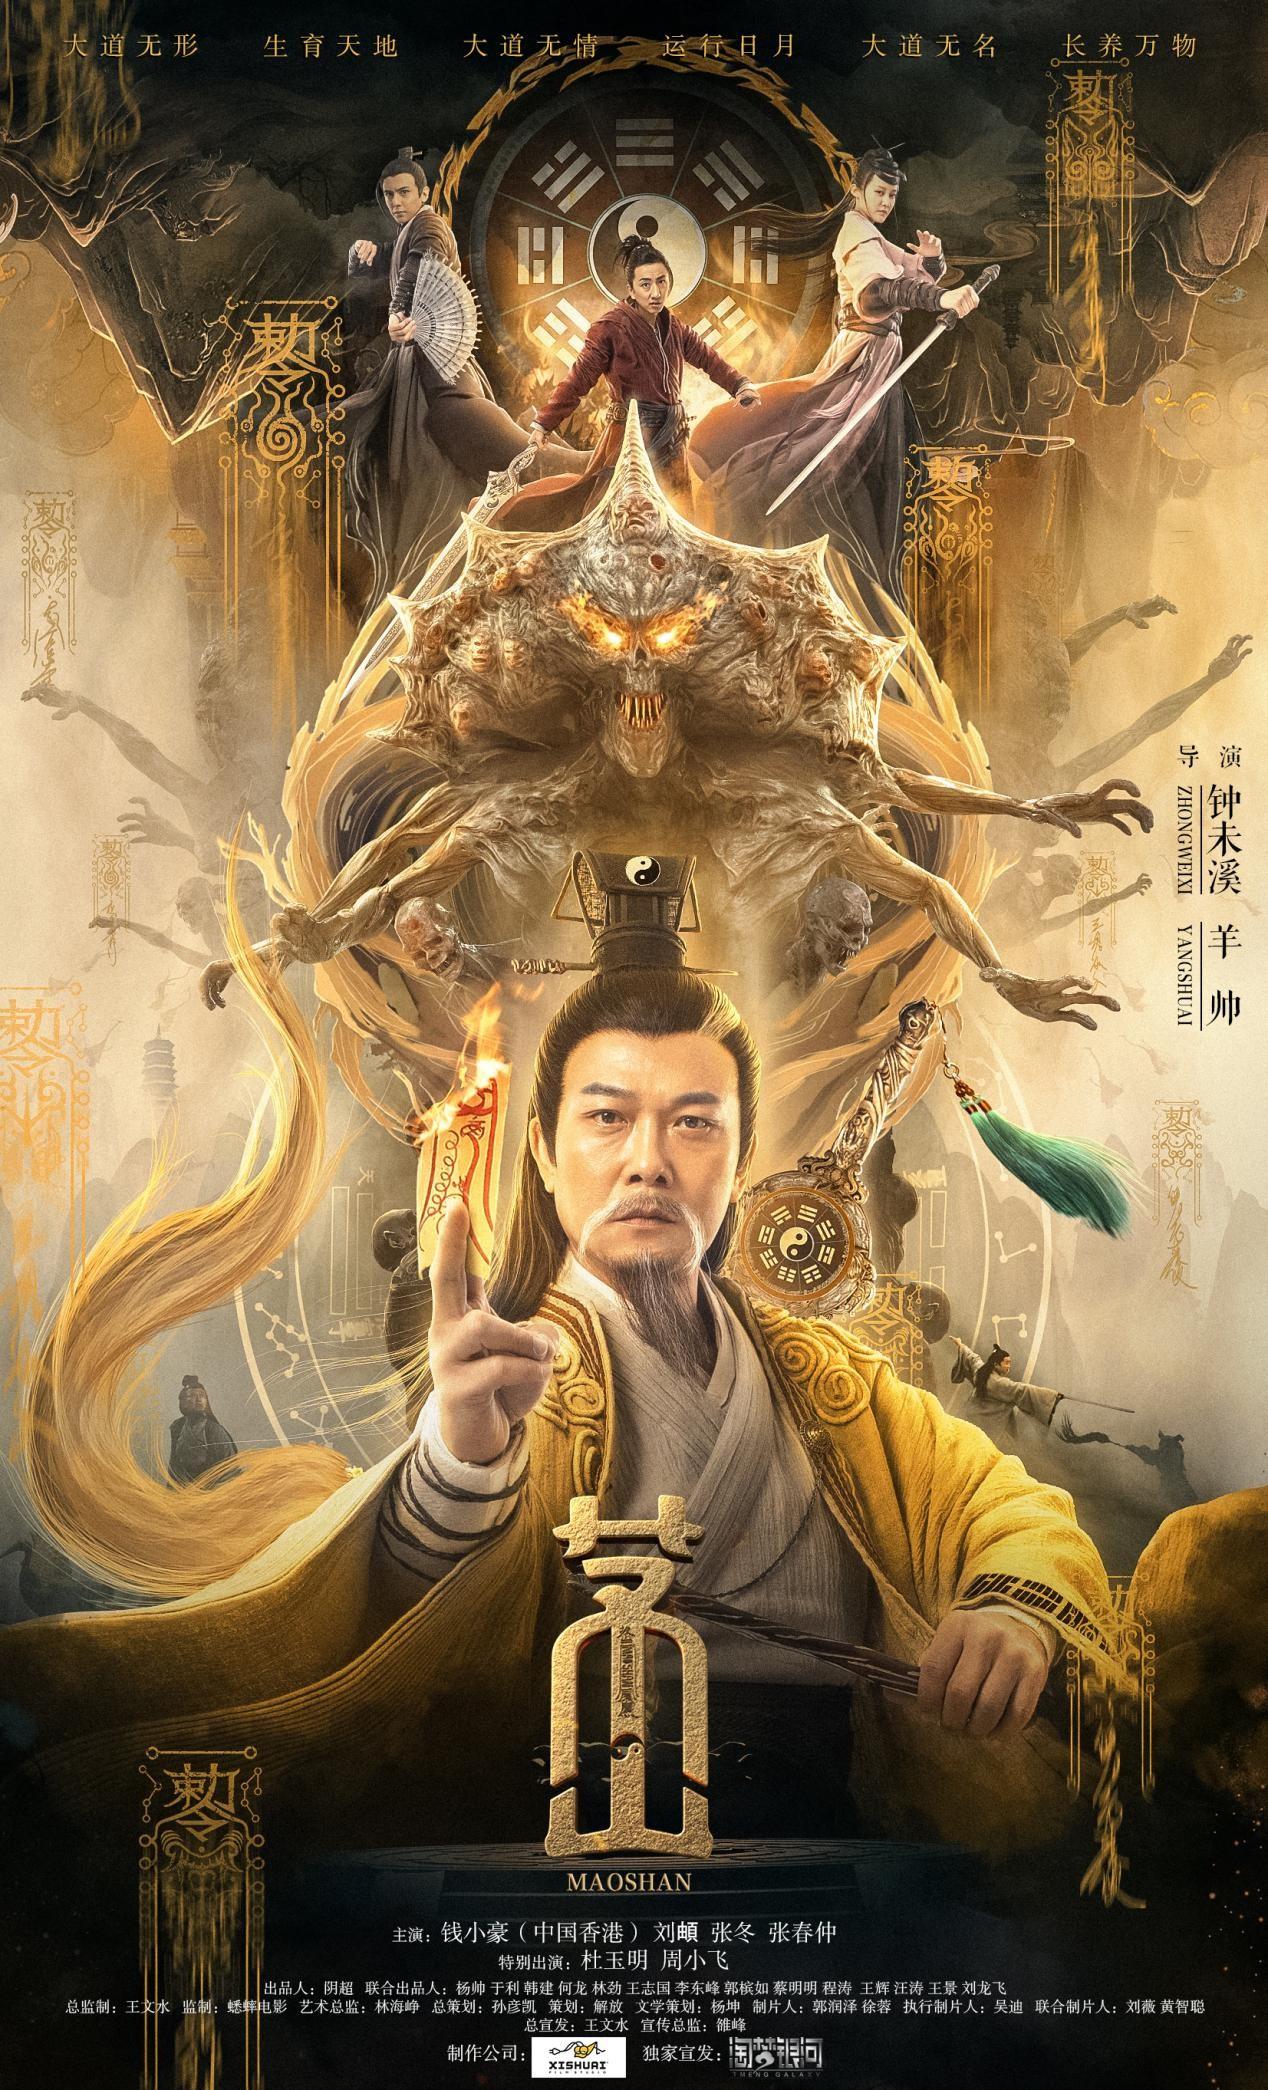 《茅山》正档案1月28日正史对决首演斗法道士分娩神剑复马